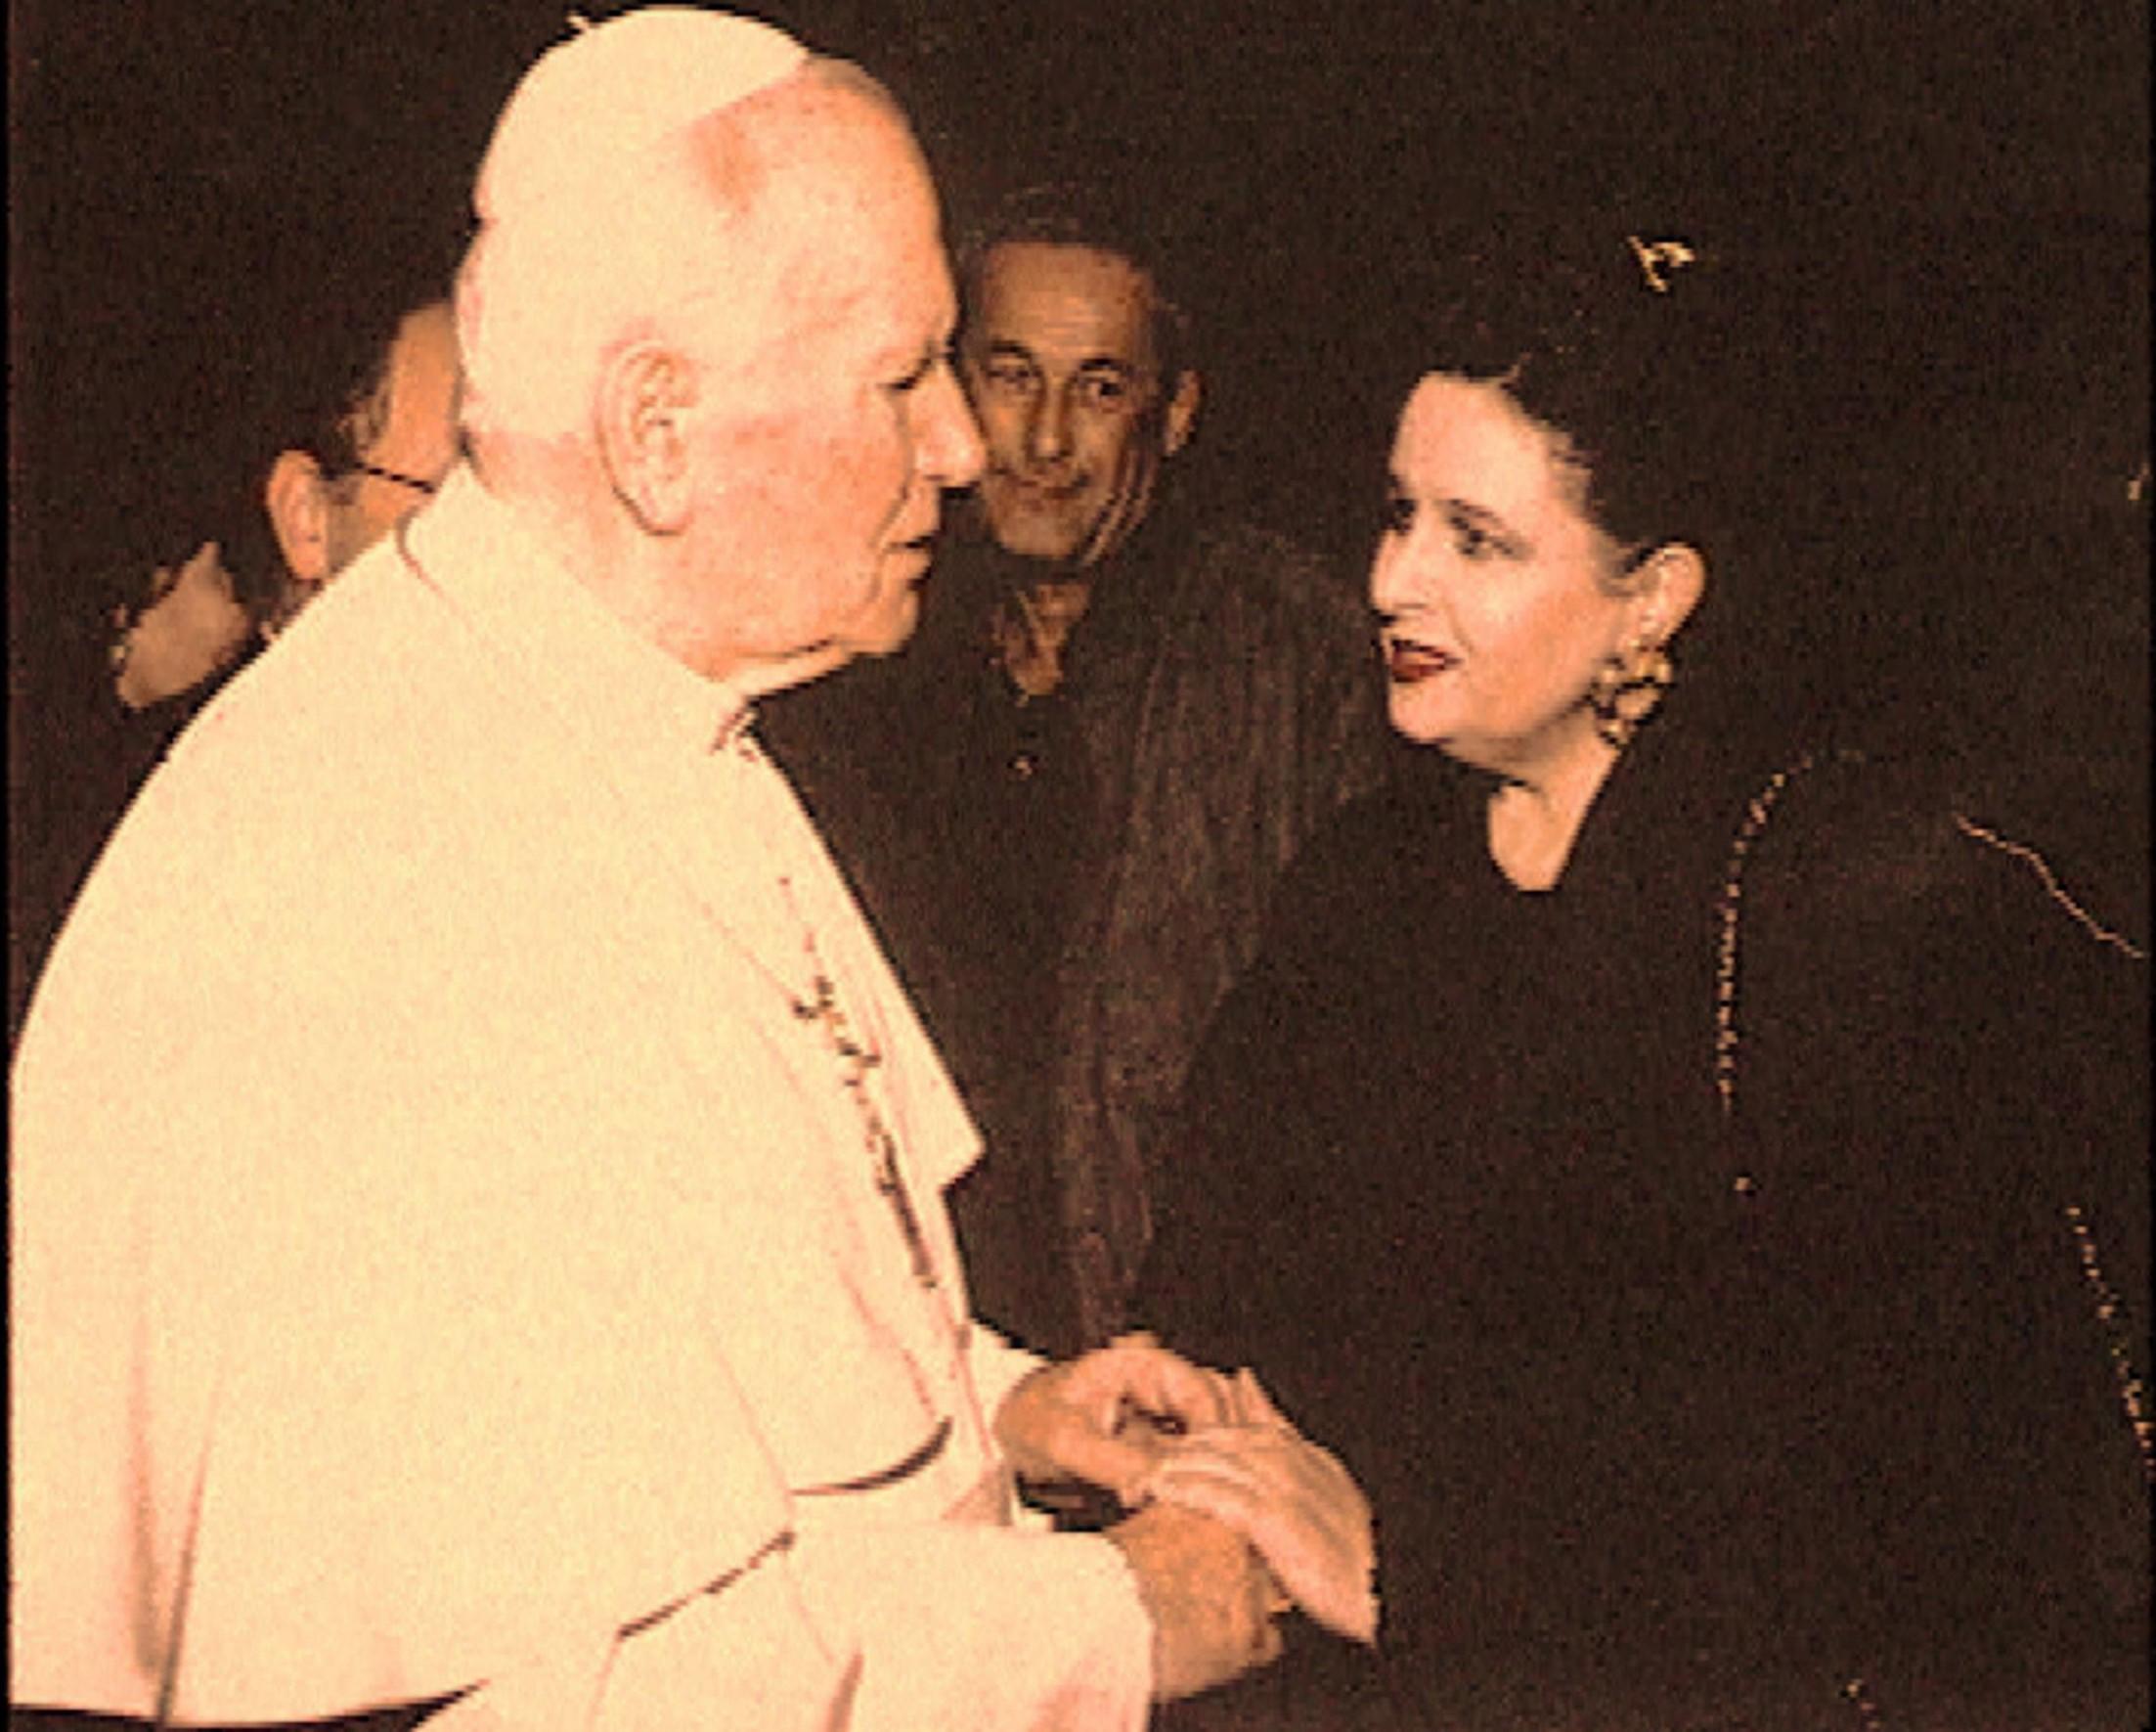 După ce a fost desemnată să-l întâmpine, la Teatrul alla Scala, pe Sfântul Părinte Ioan Paul II la prima vizită a unui papă la Milano după sute de ani, reîntâlnire emoţionantă la Romacu prilejul Primului Concert de Crăciun în Vatican